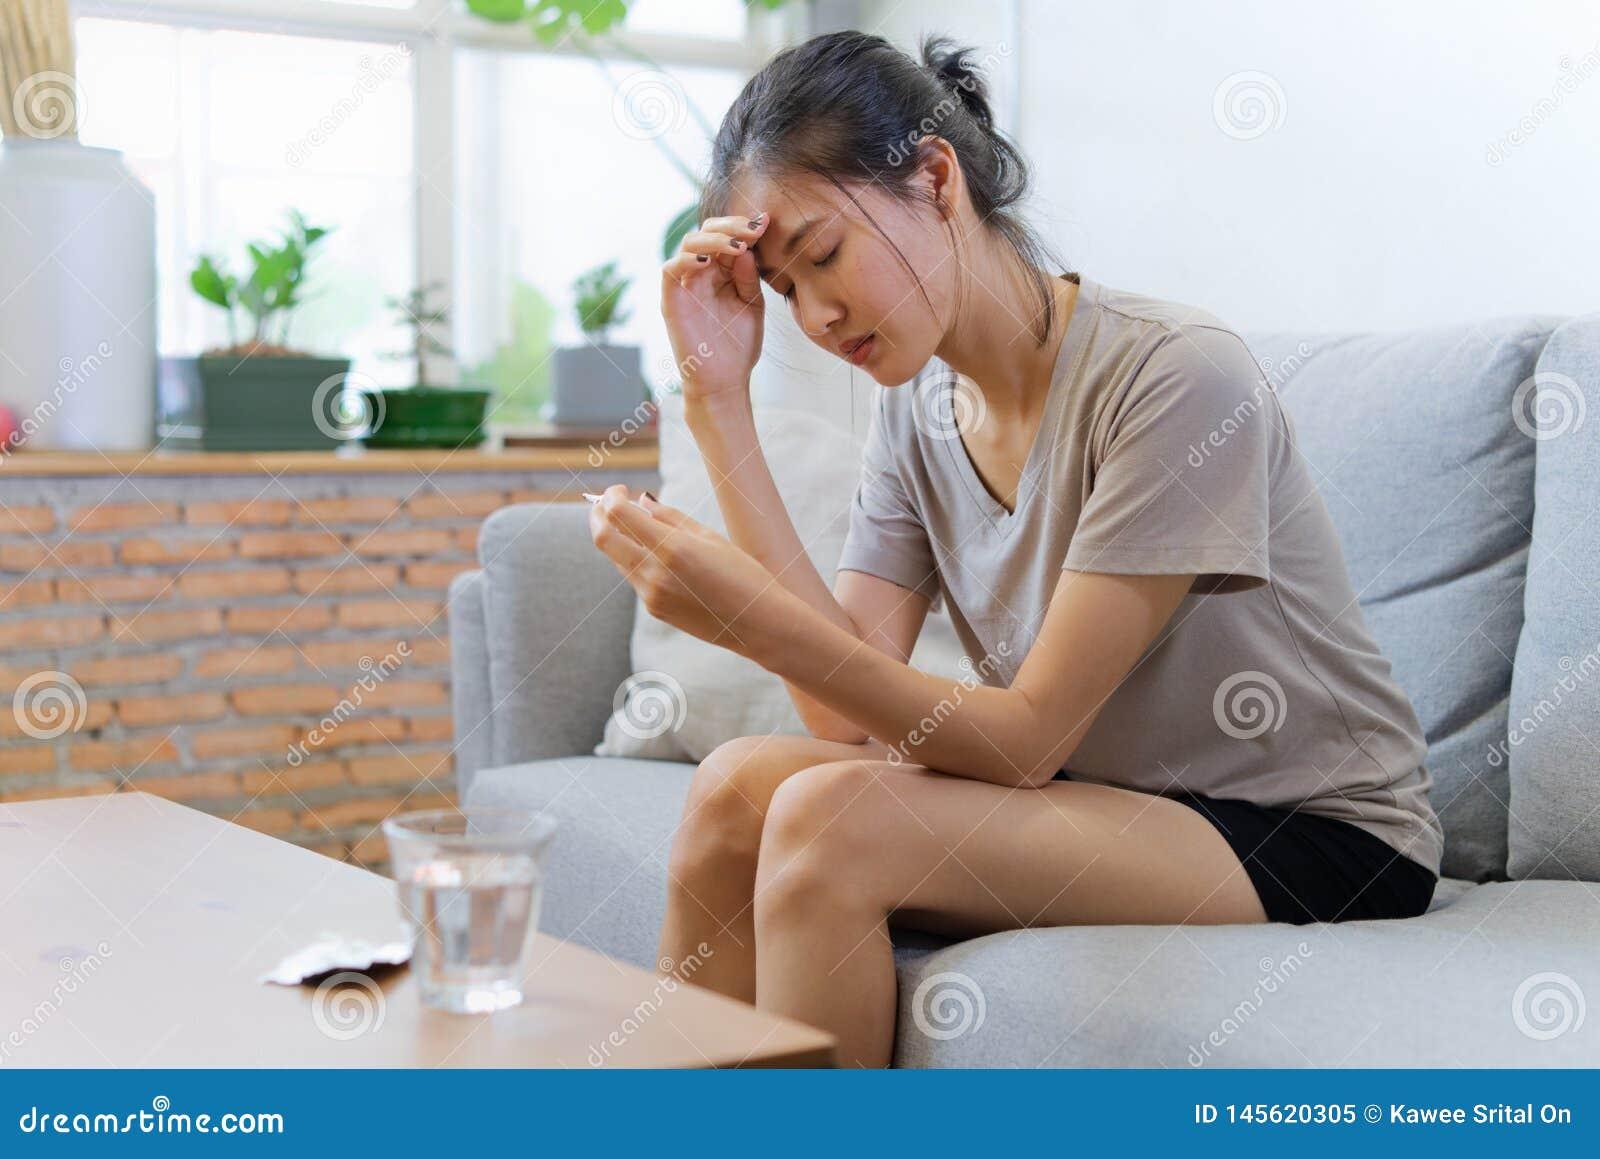 Молодые азиатские женщины на софе закрывая ее глаза страдают от головной боли и имеют некоторую лихорадку